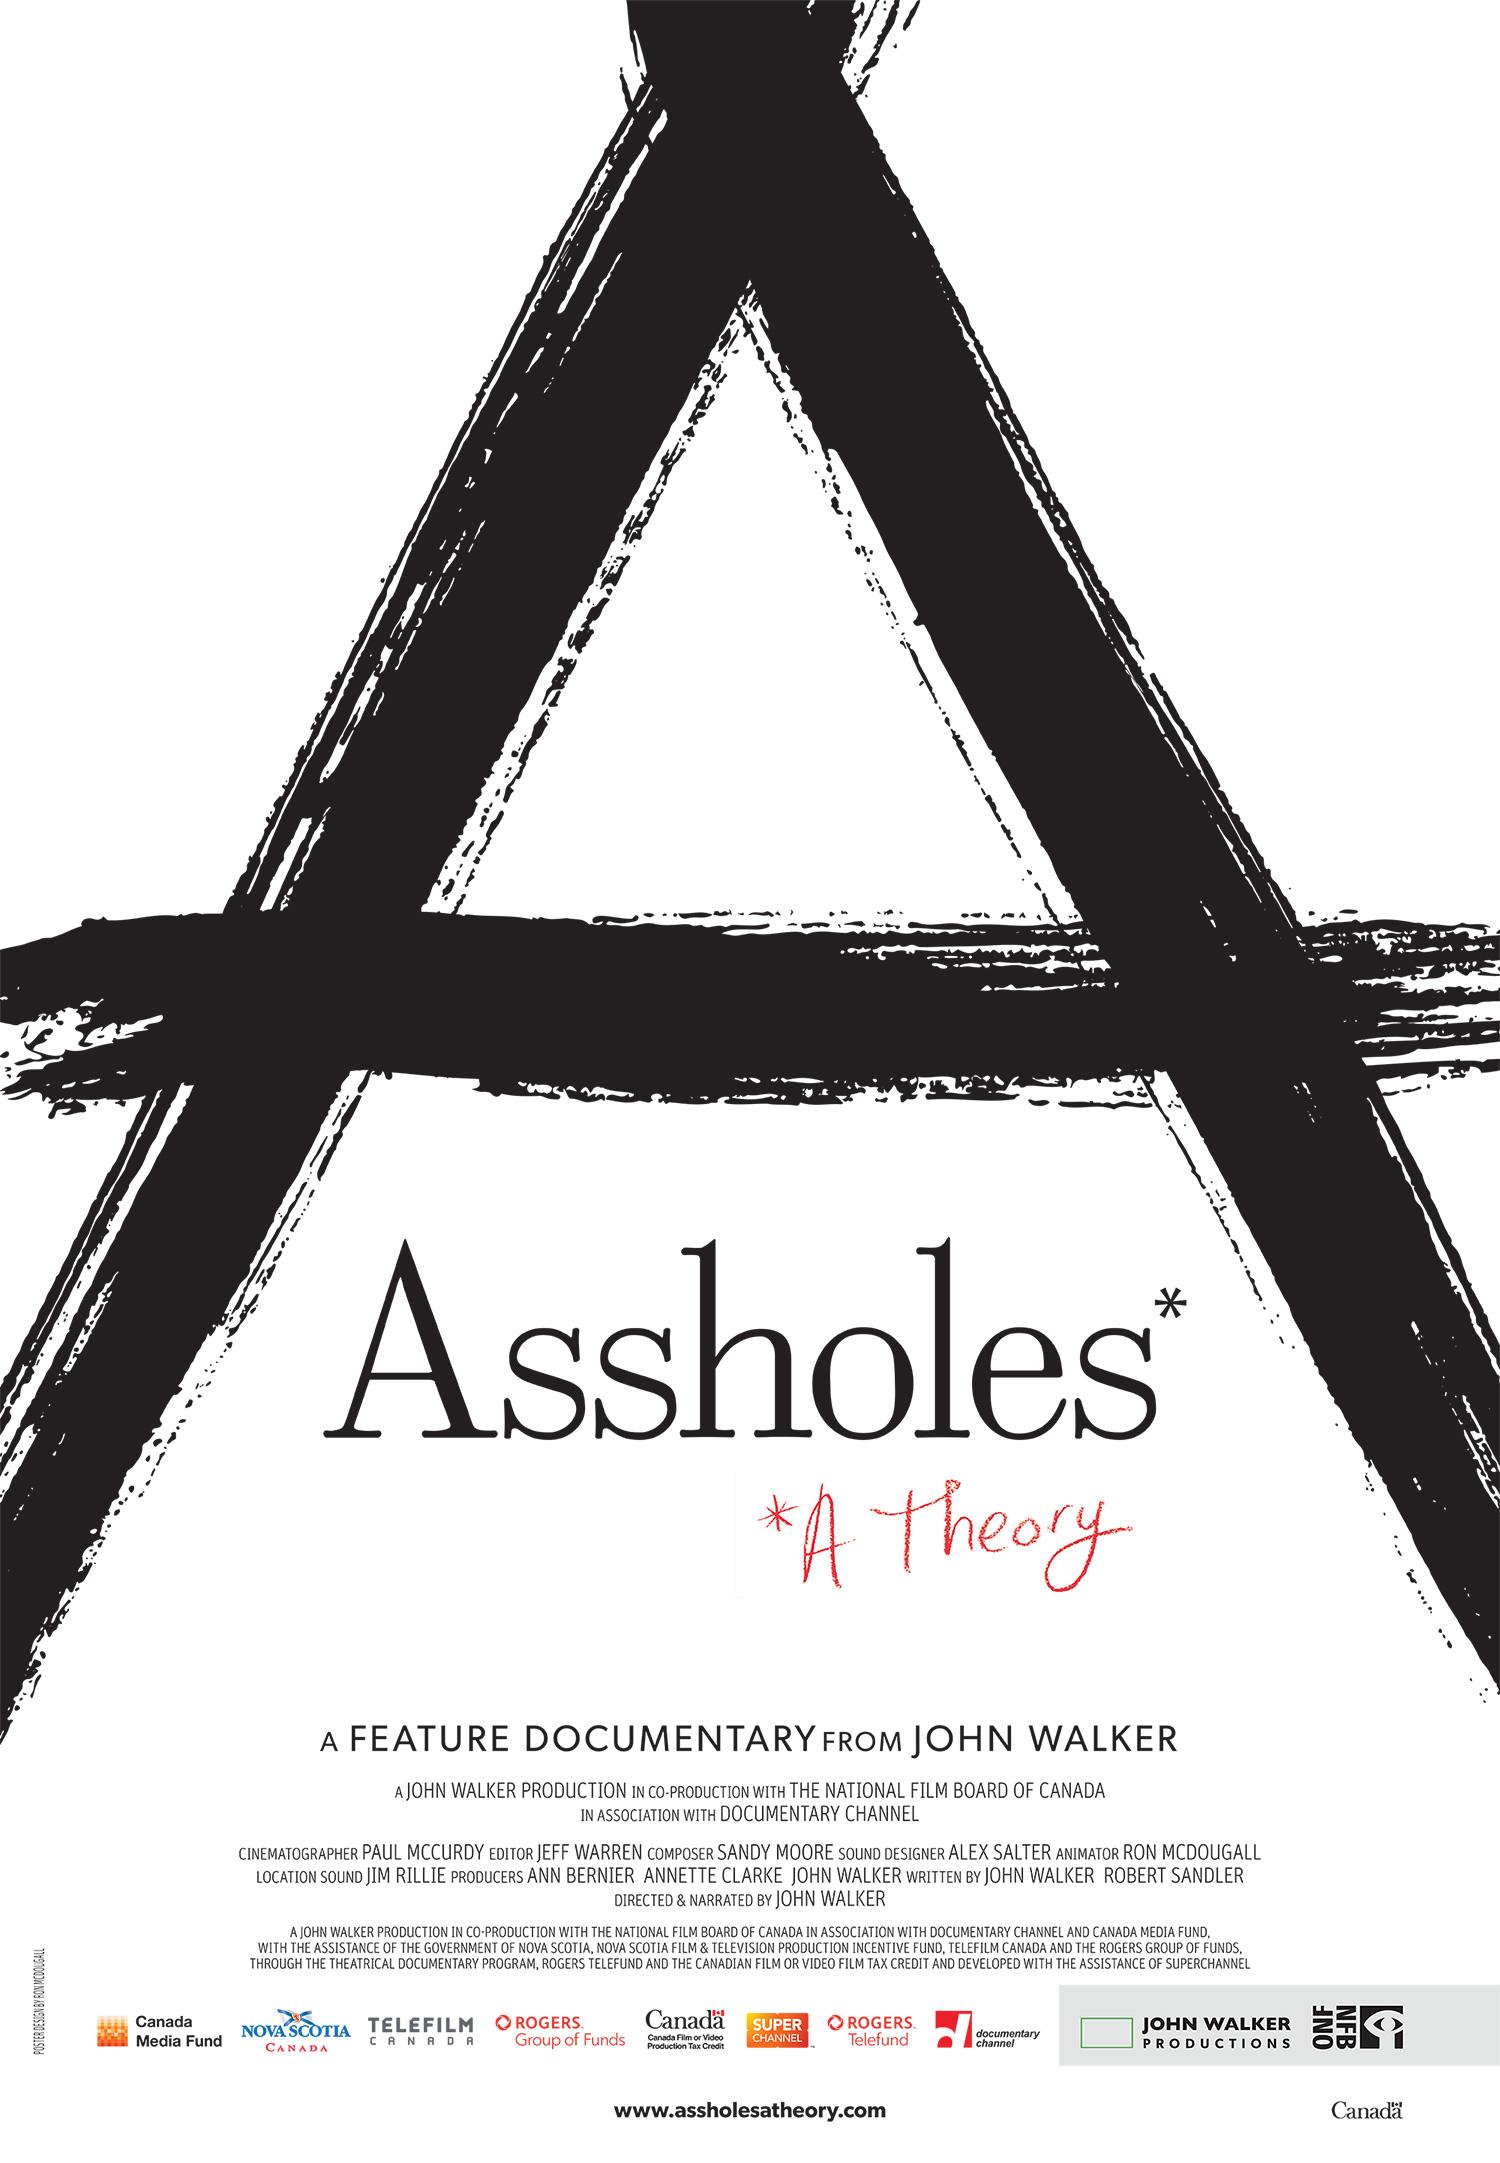 Asshole_Poster_27x39smm.jpg